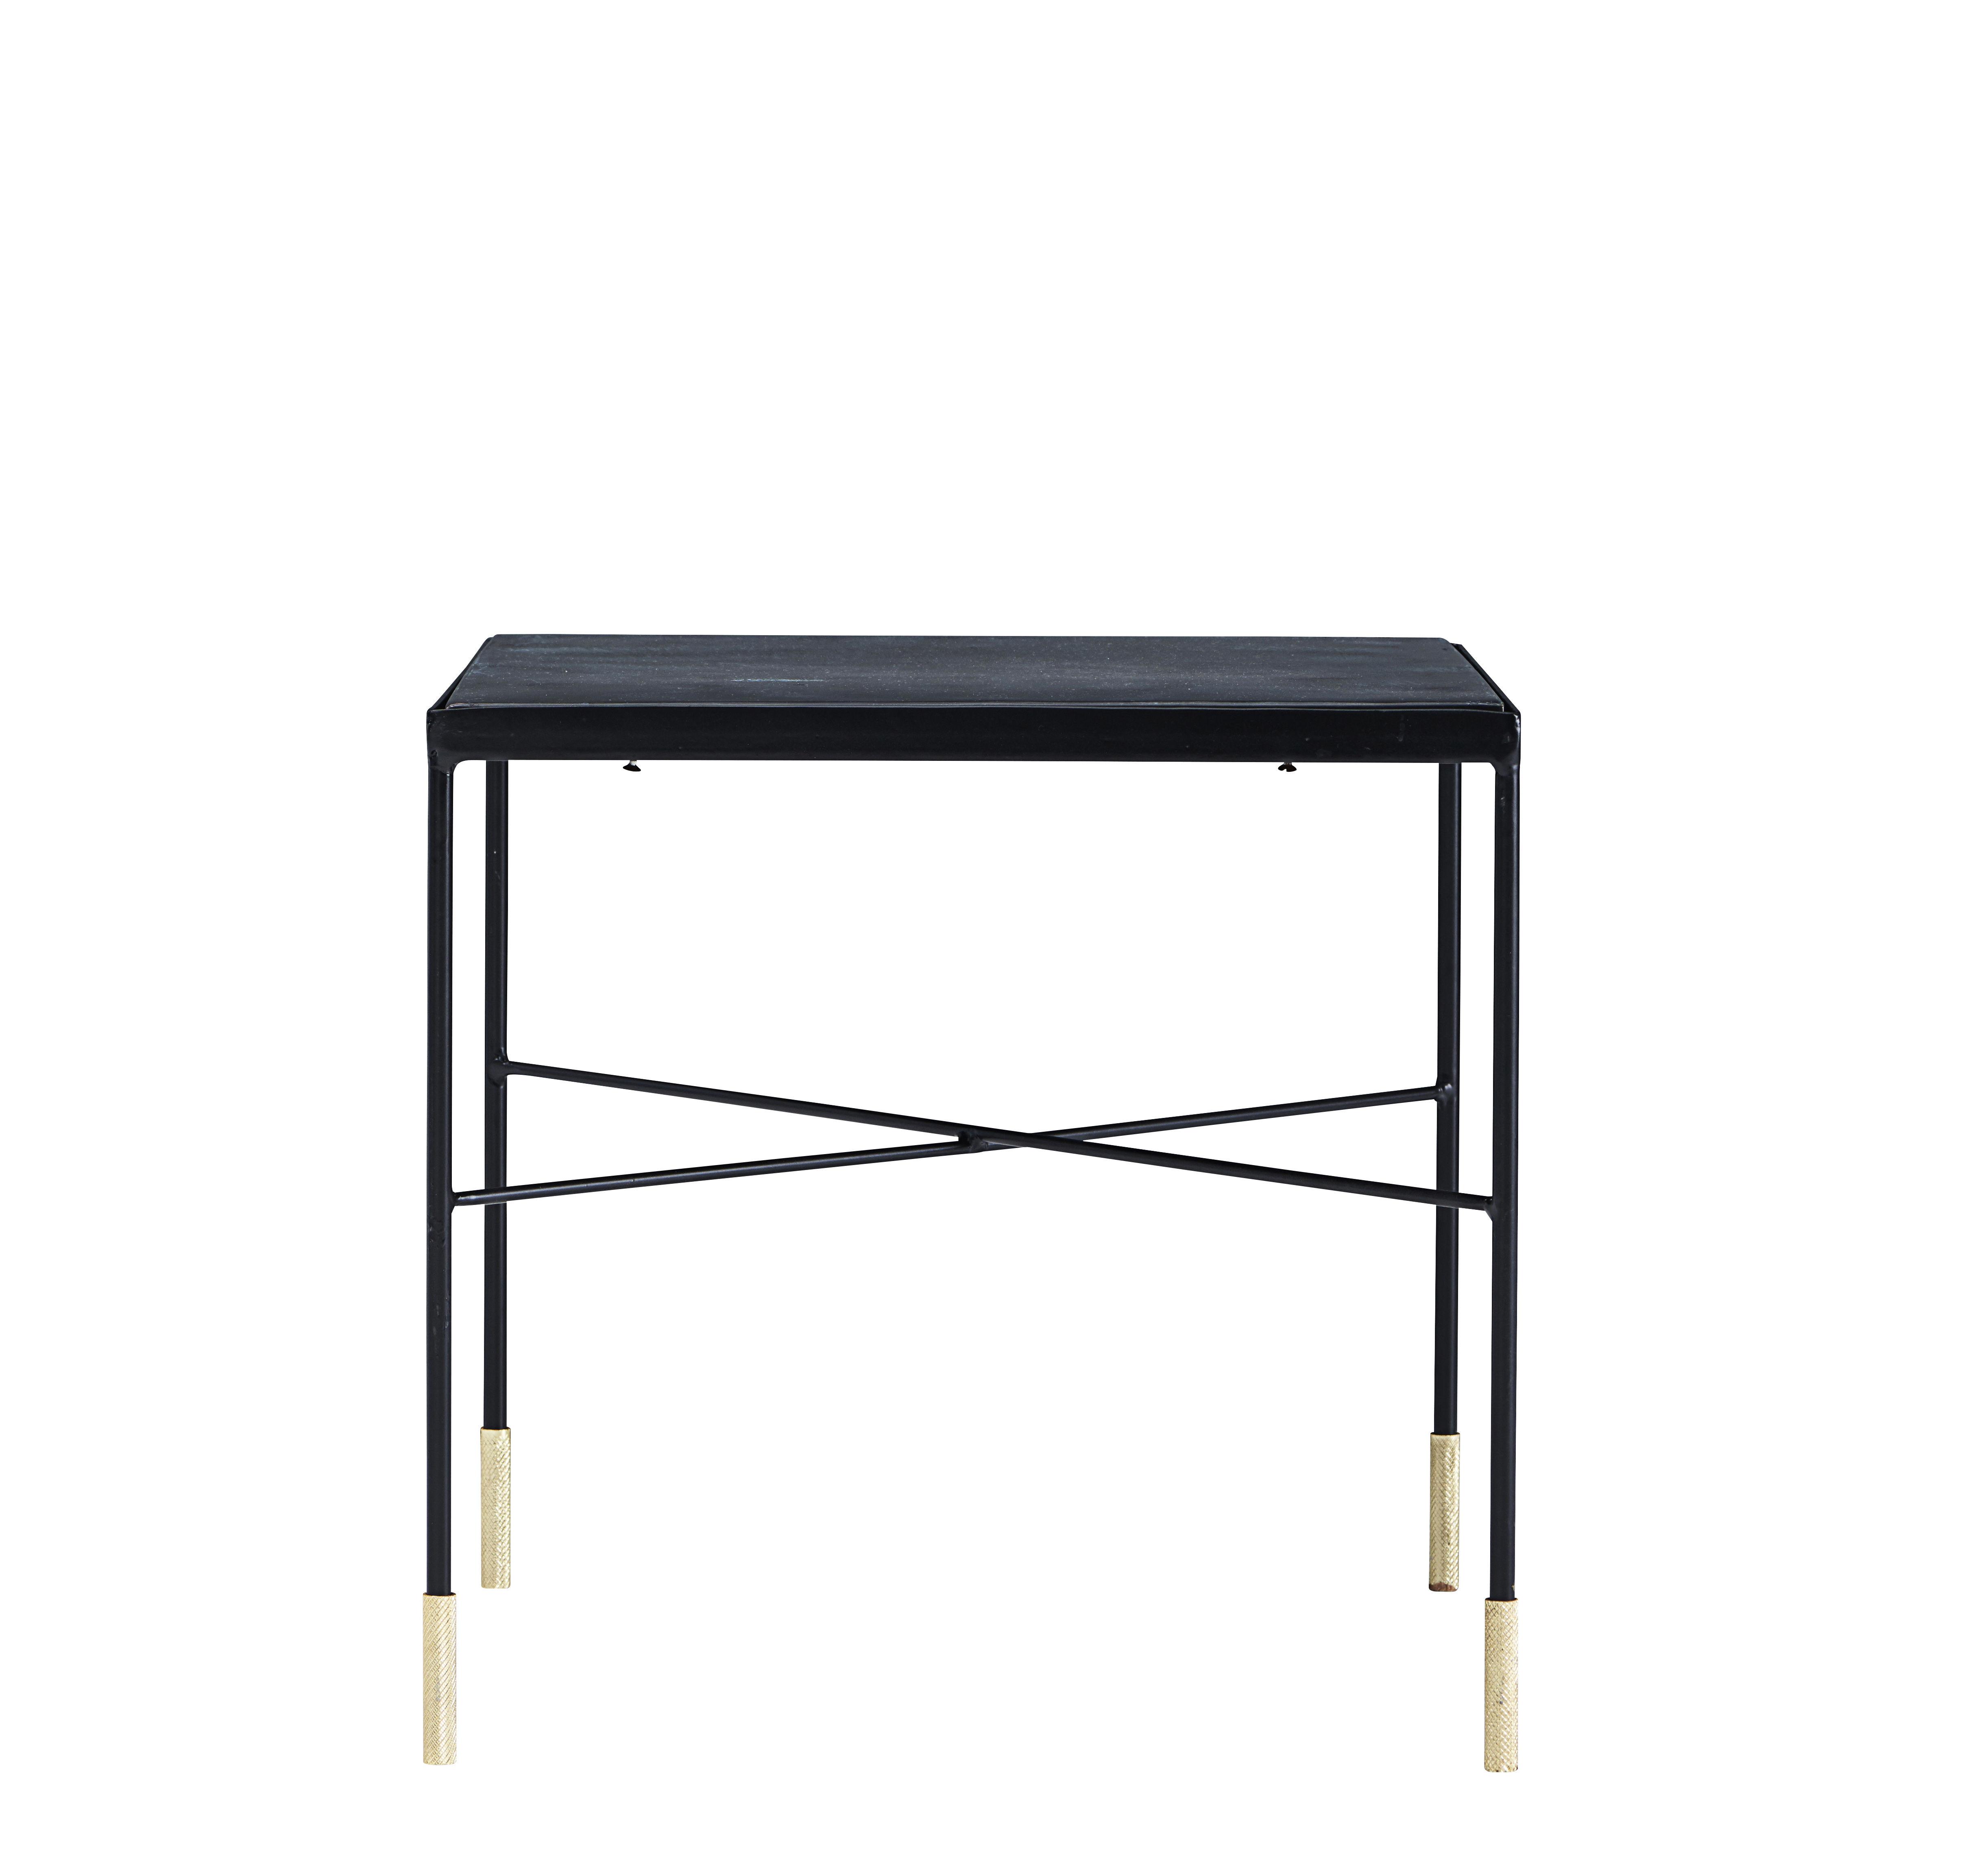 Mobilier - Tables basses - Table basse OX / 40 x 40 x H 40 cm - House Doctor - Noir oxydé / Laiton - Fer